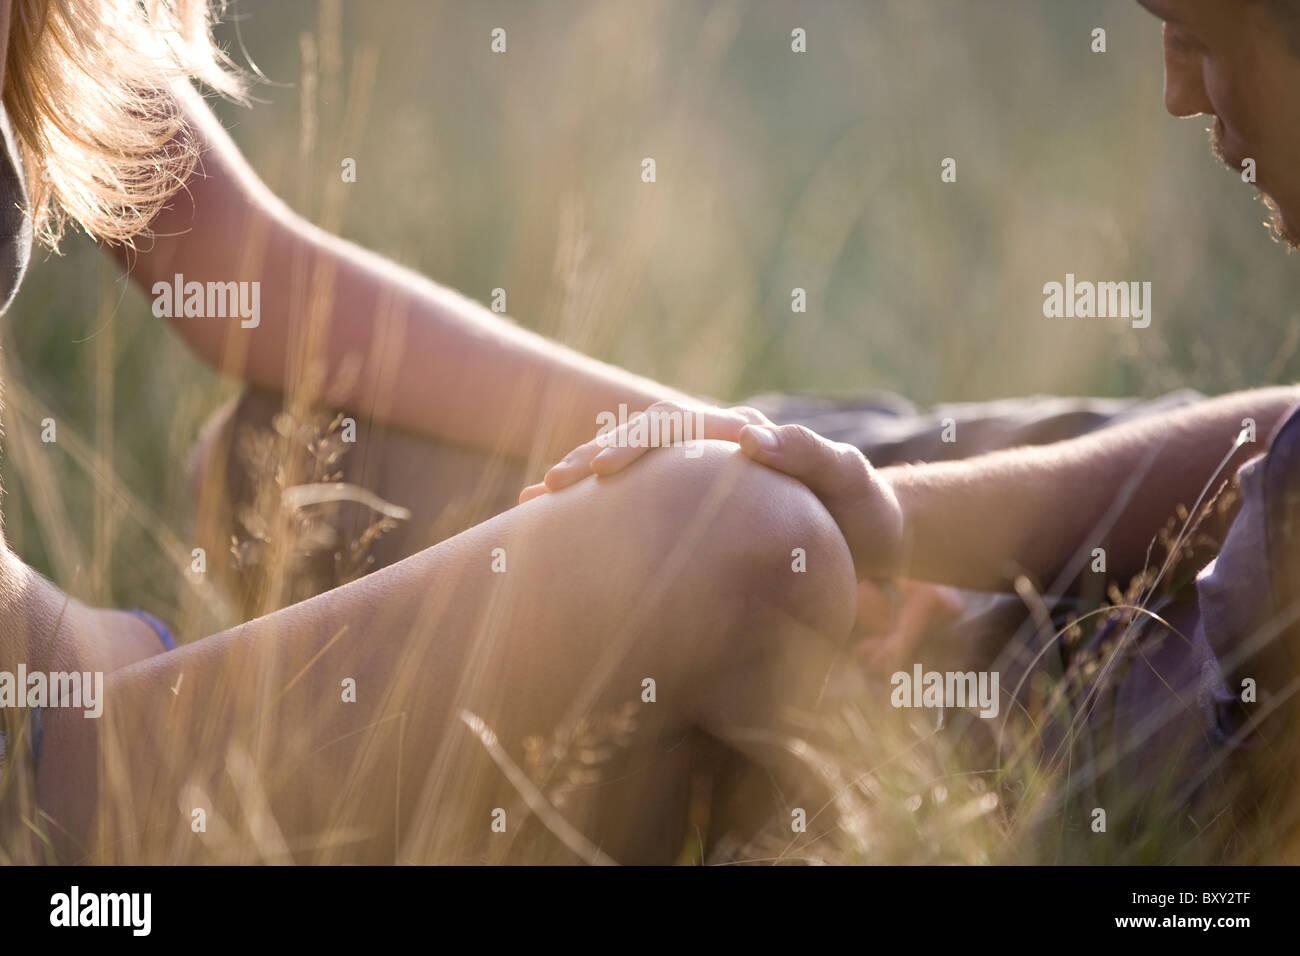 Dettaglio di una giovane coppia all'aperto, man mano sul ginocchio womans Immagini Stock